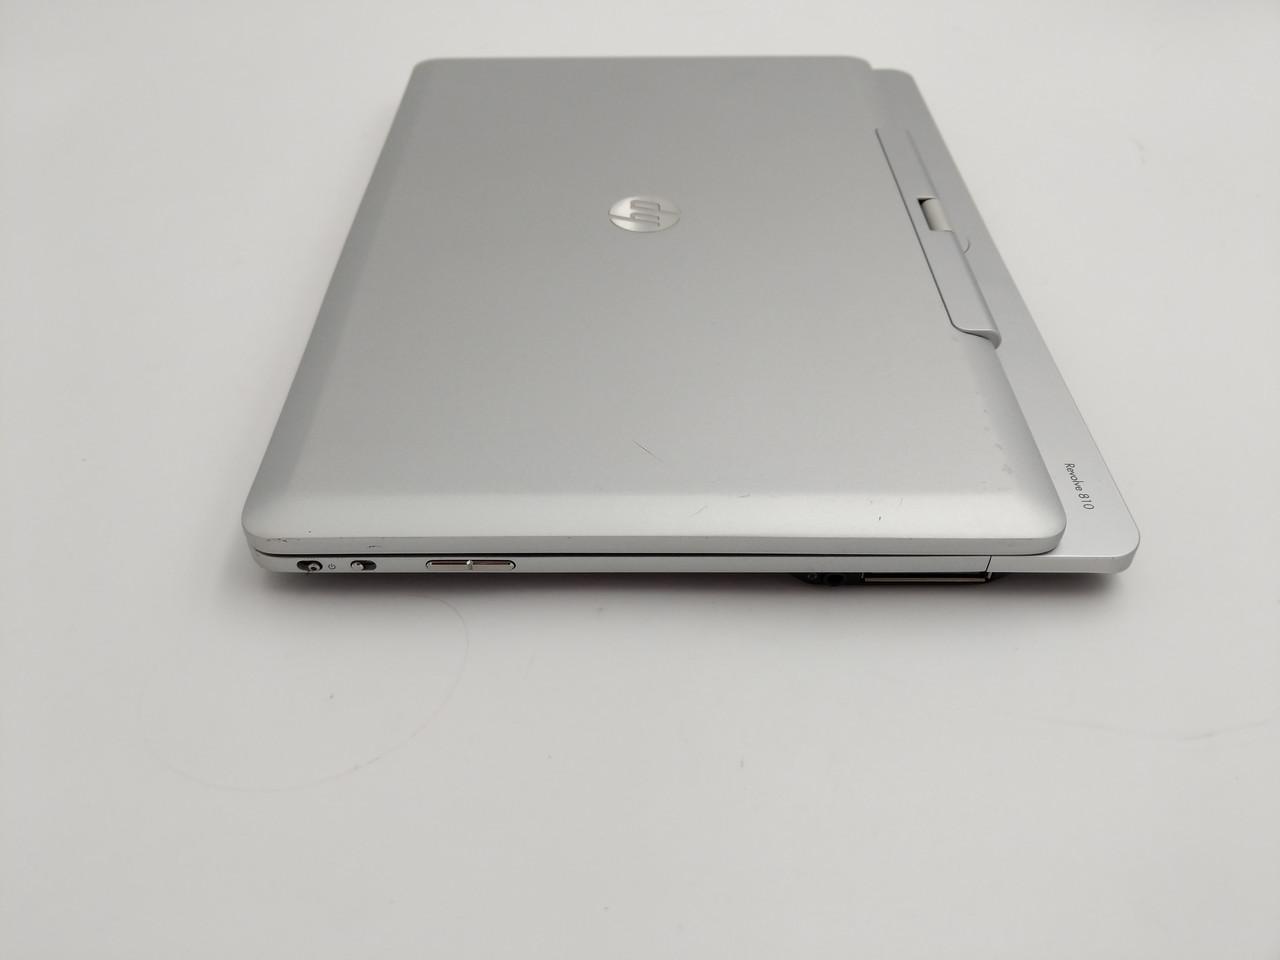 Б/У HP Elitebook Revolve 810 G1 11,6″  i5-3437U /DDR3 8 Gb /SSD Нет в наличии 5